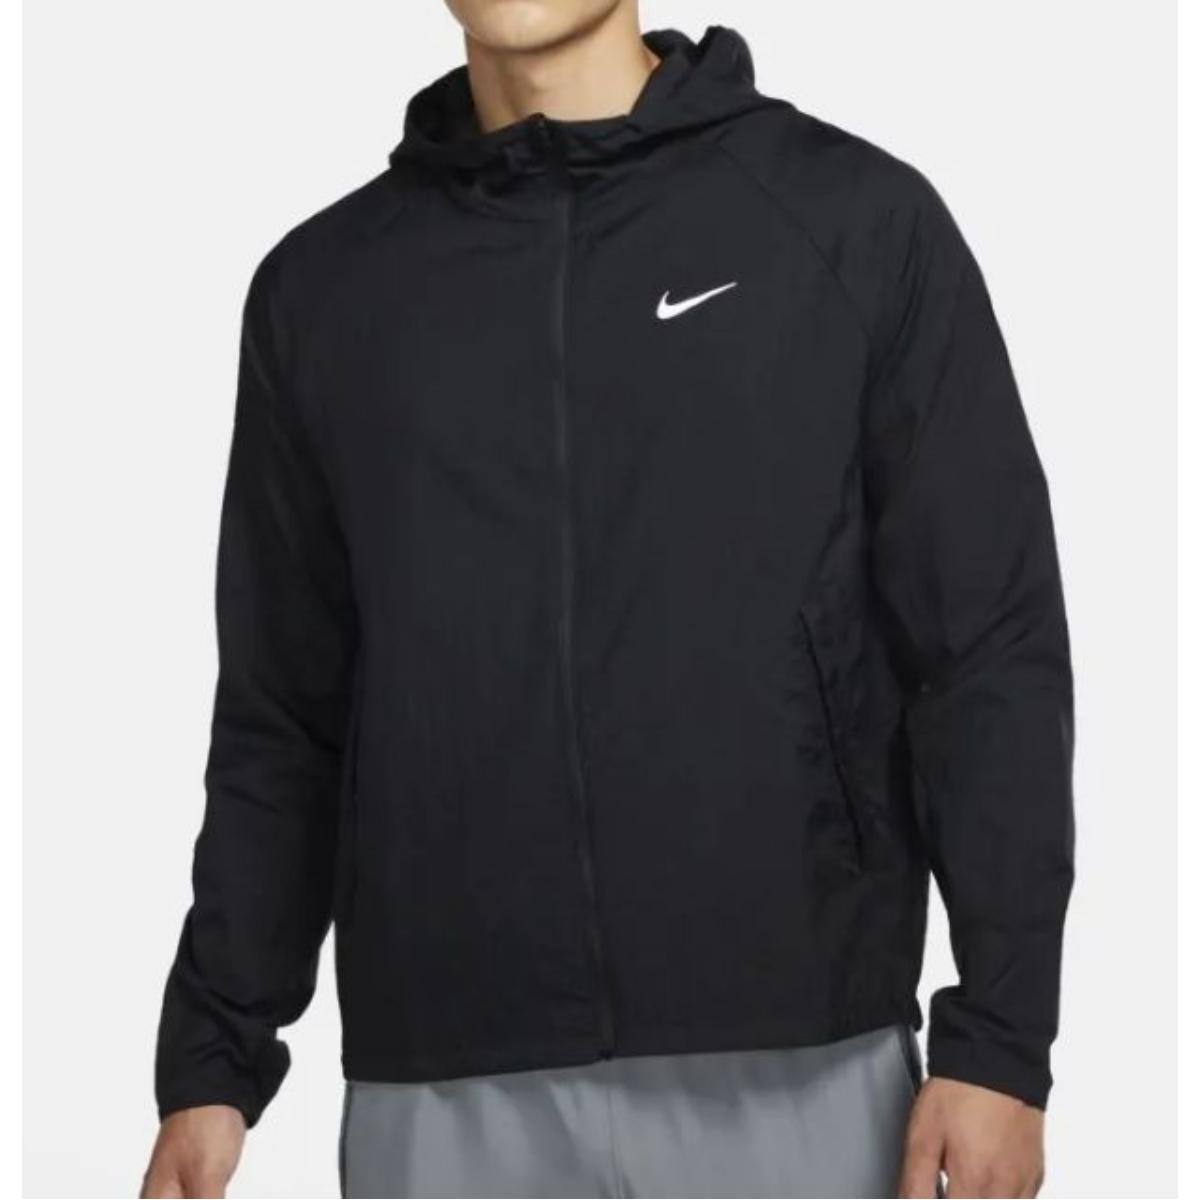 Jaqueta Masculina Nike Cu5358-010 Essential Preto